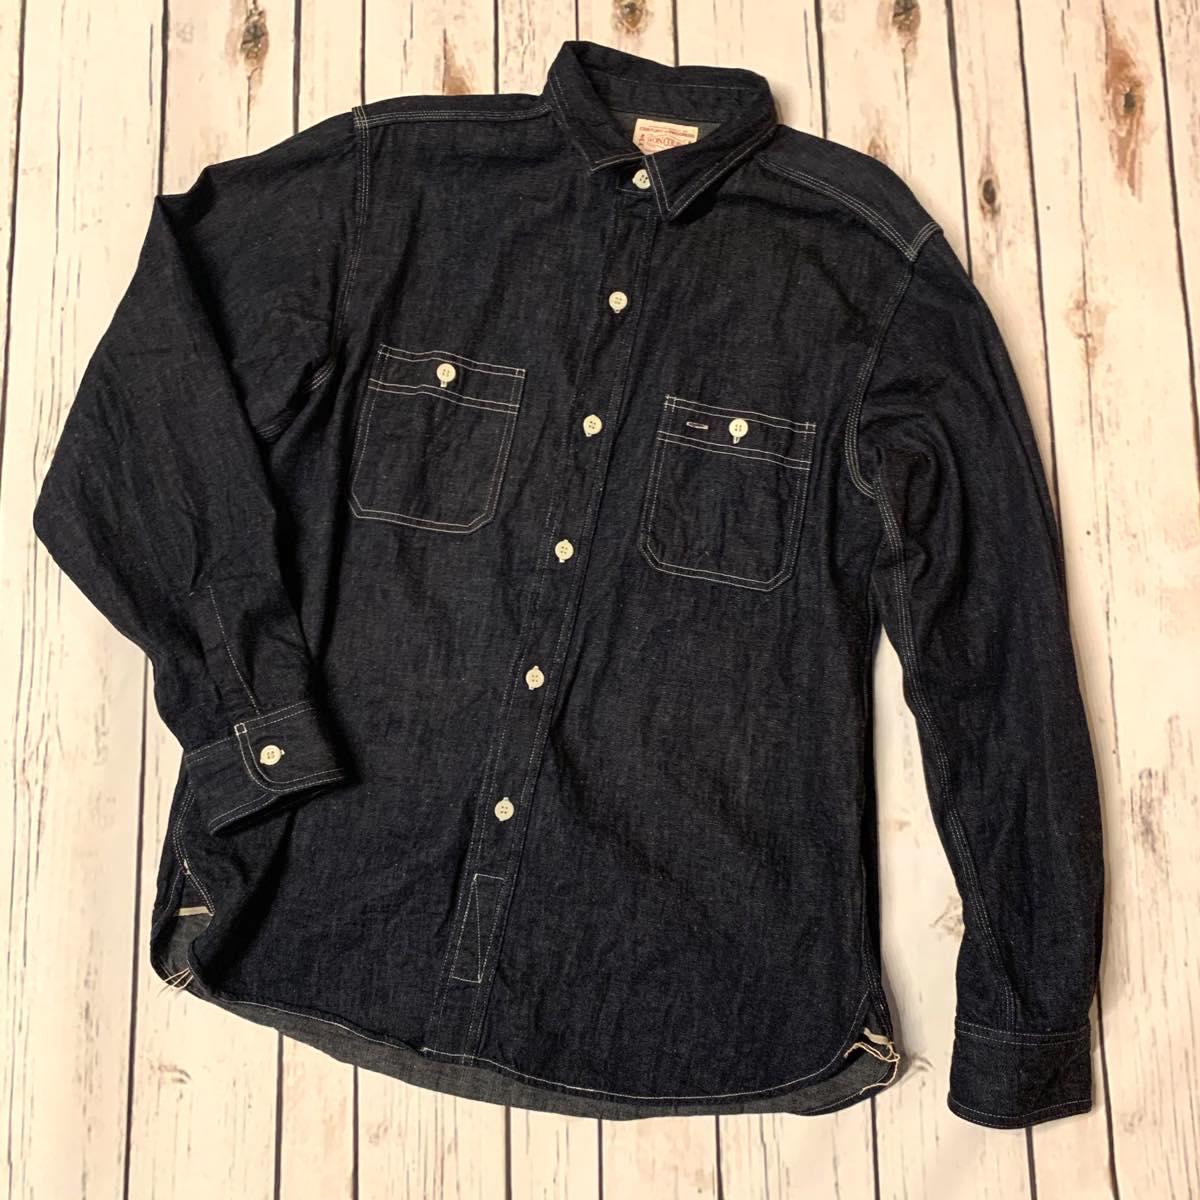 BONCOURA(ボンクラ)長袖ワークシャツ